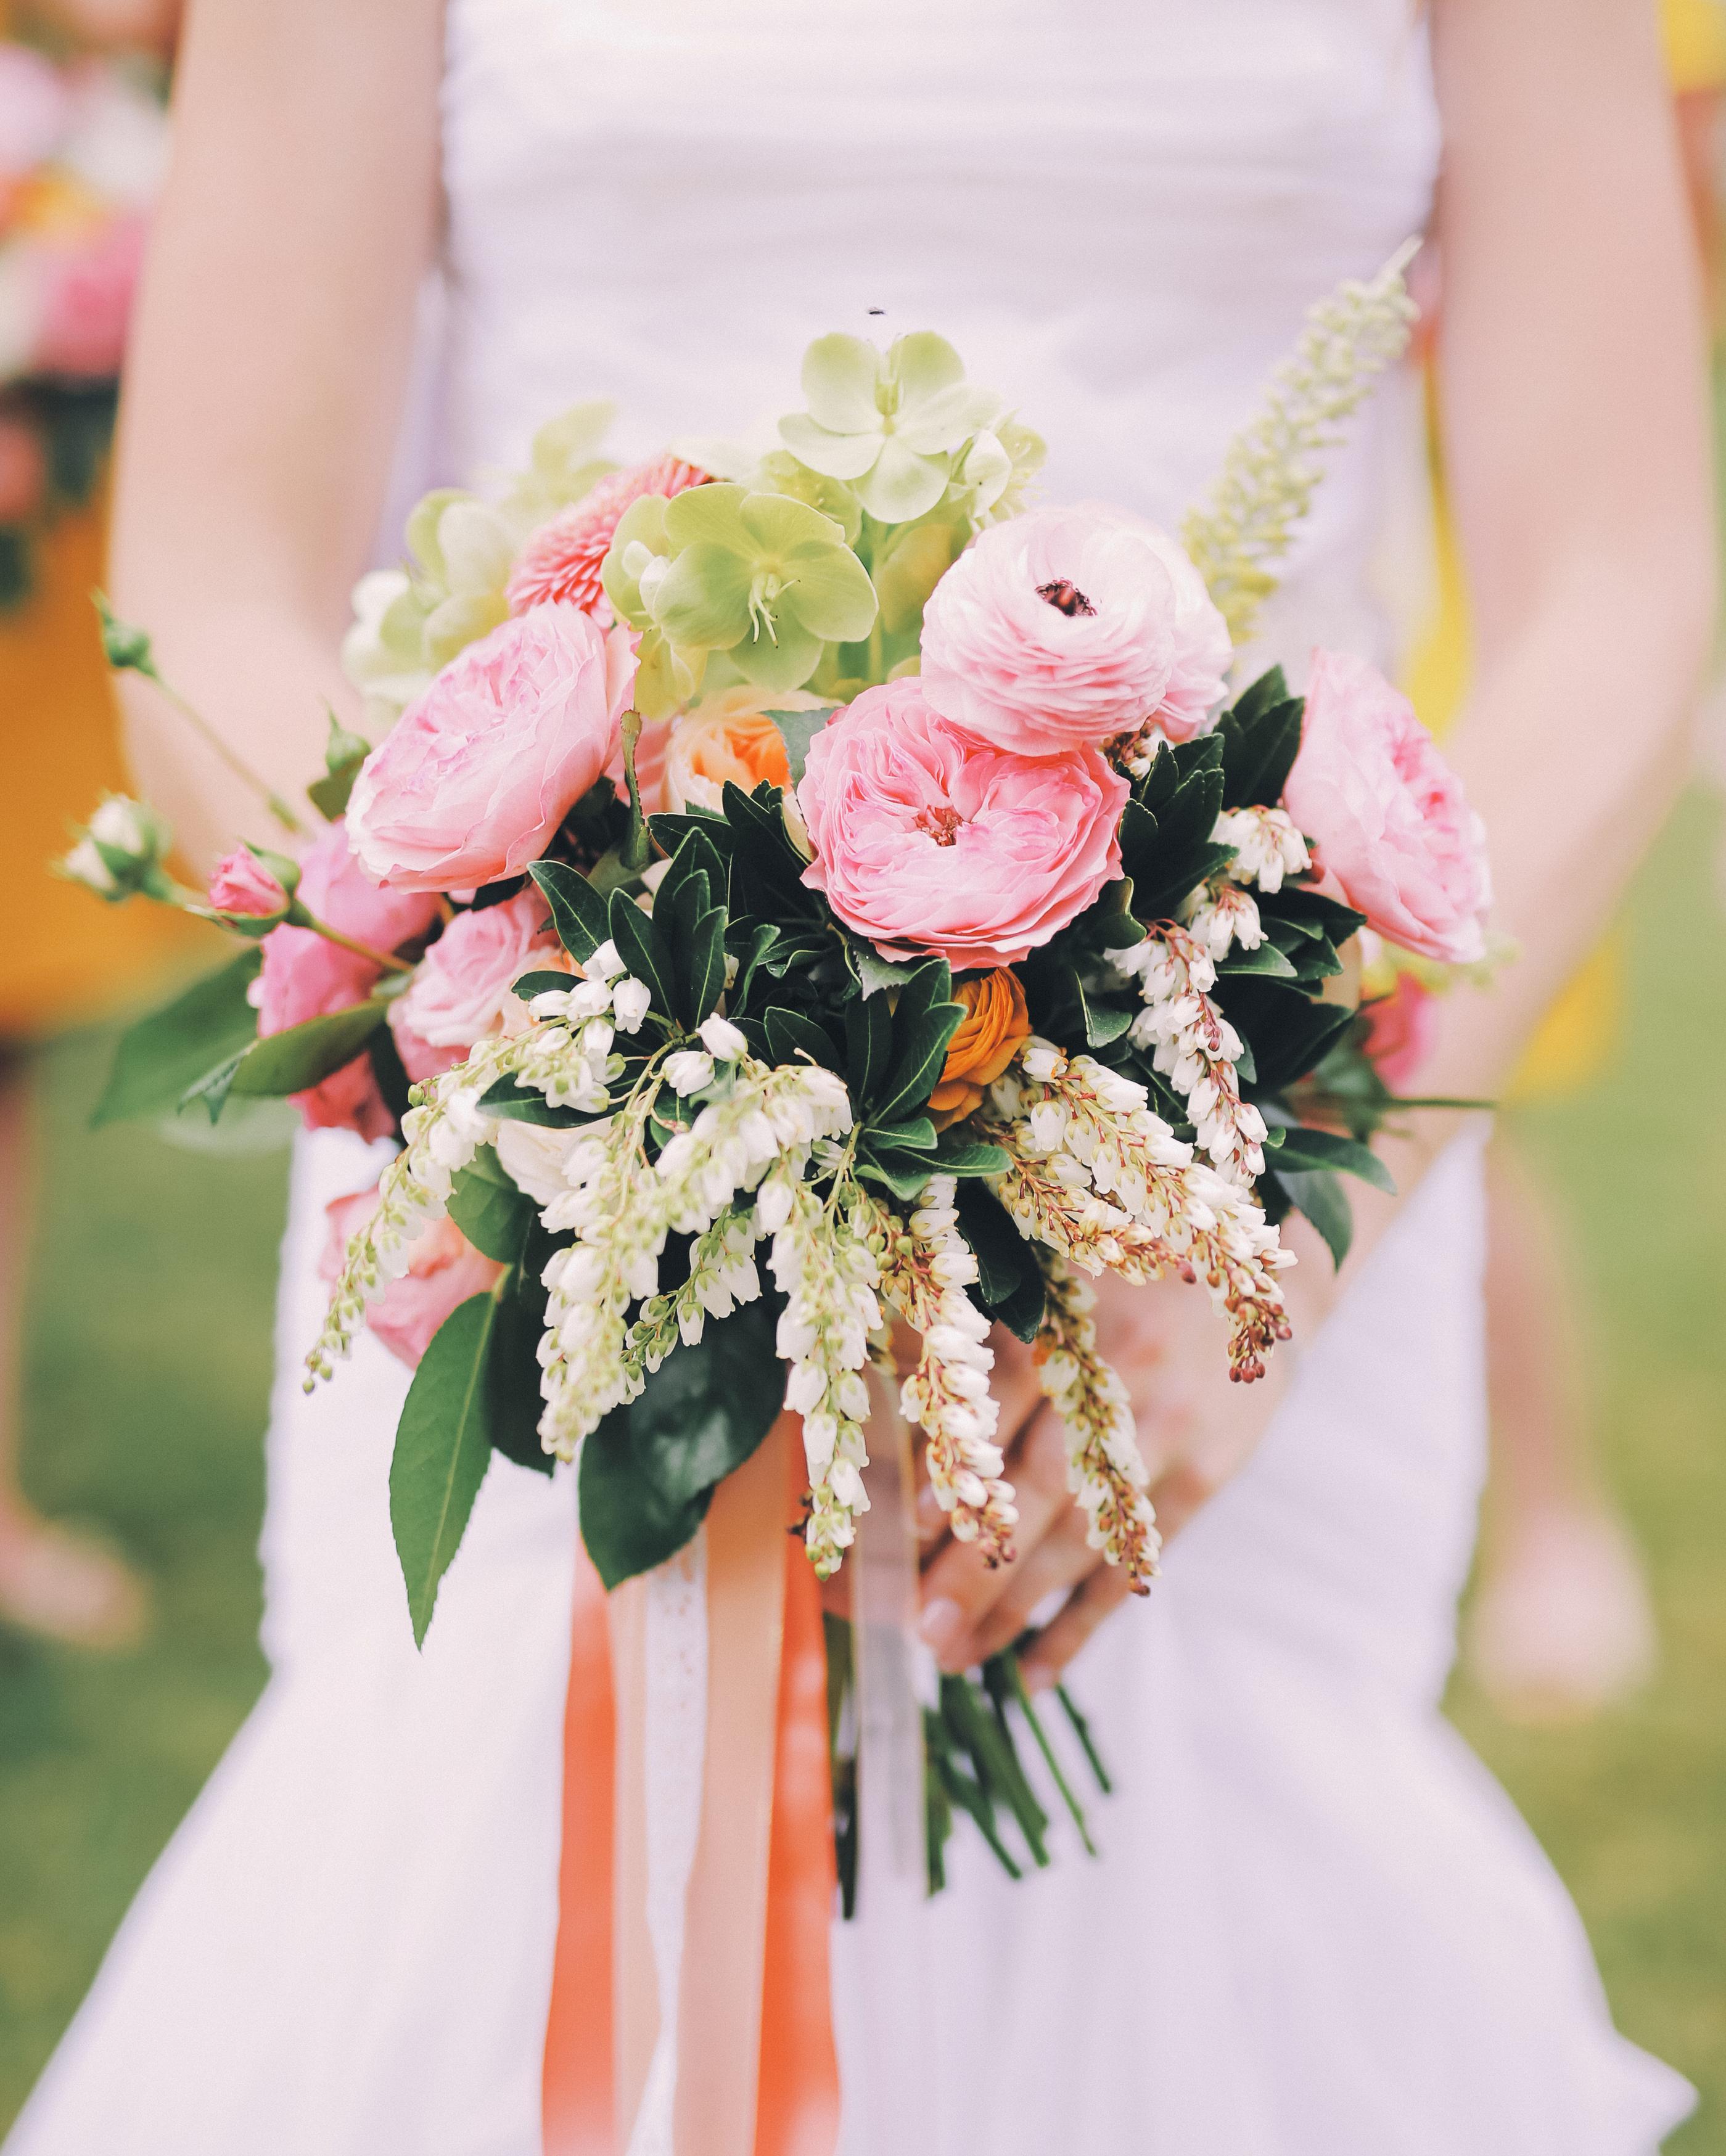 katie-brian-wedding-bouquet-3224-s111885-0515.jpg